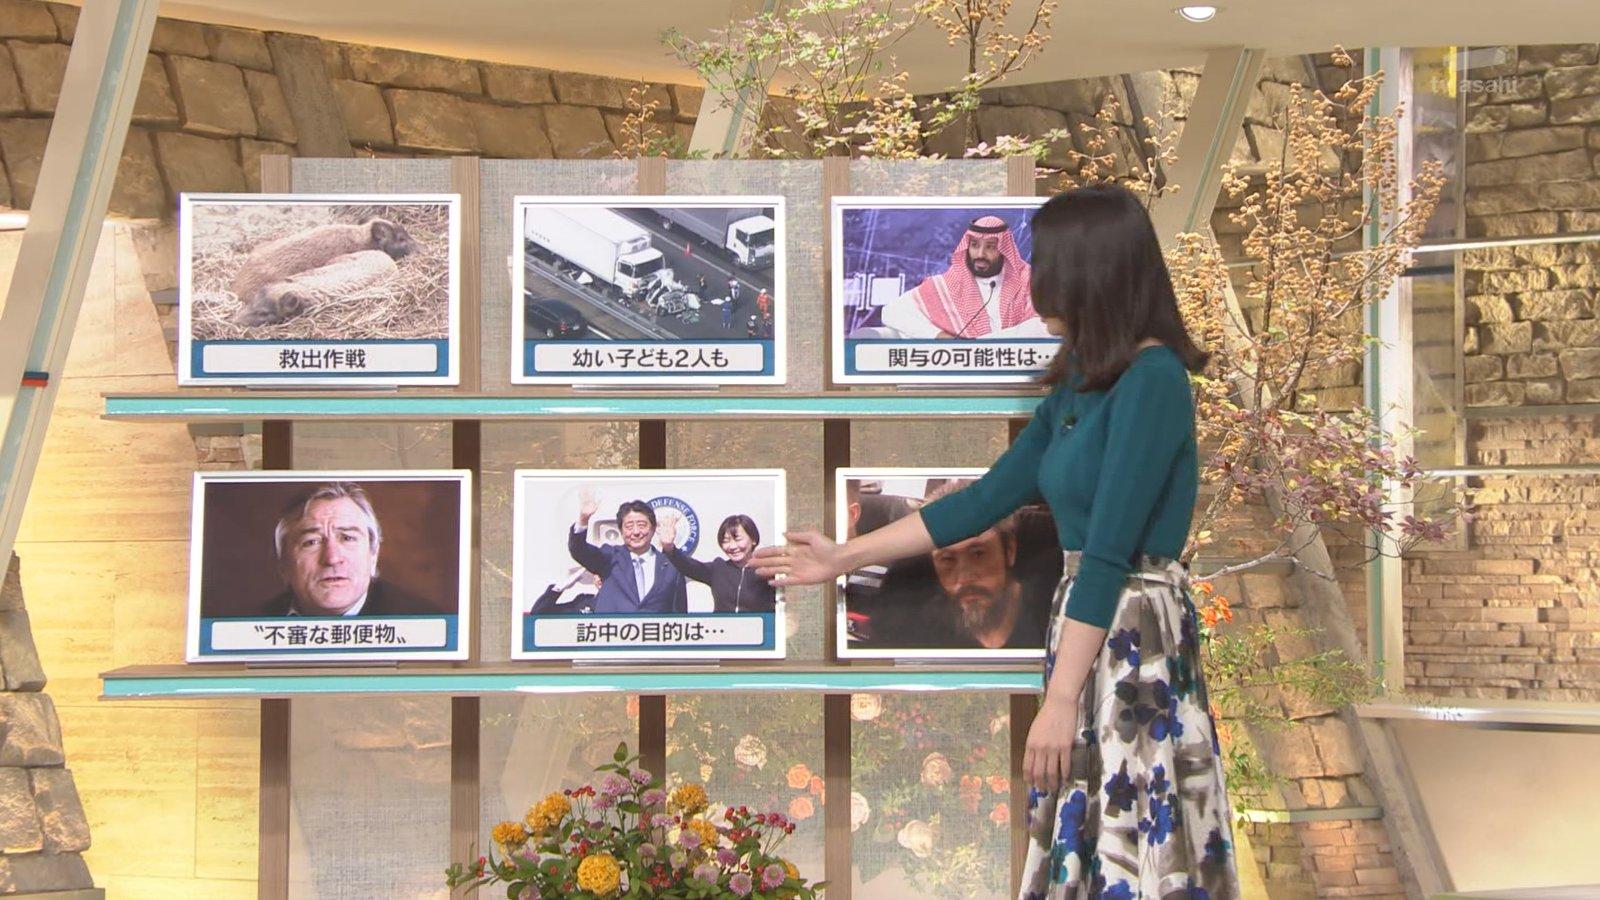 2018年10月25日報道ステーション・森川夕貴さんのテレビキャプチャー画像-001